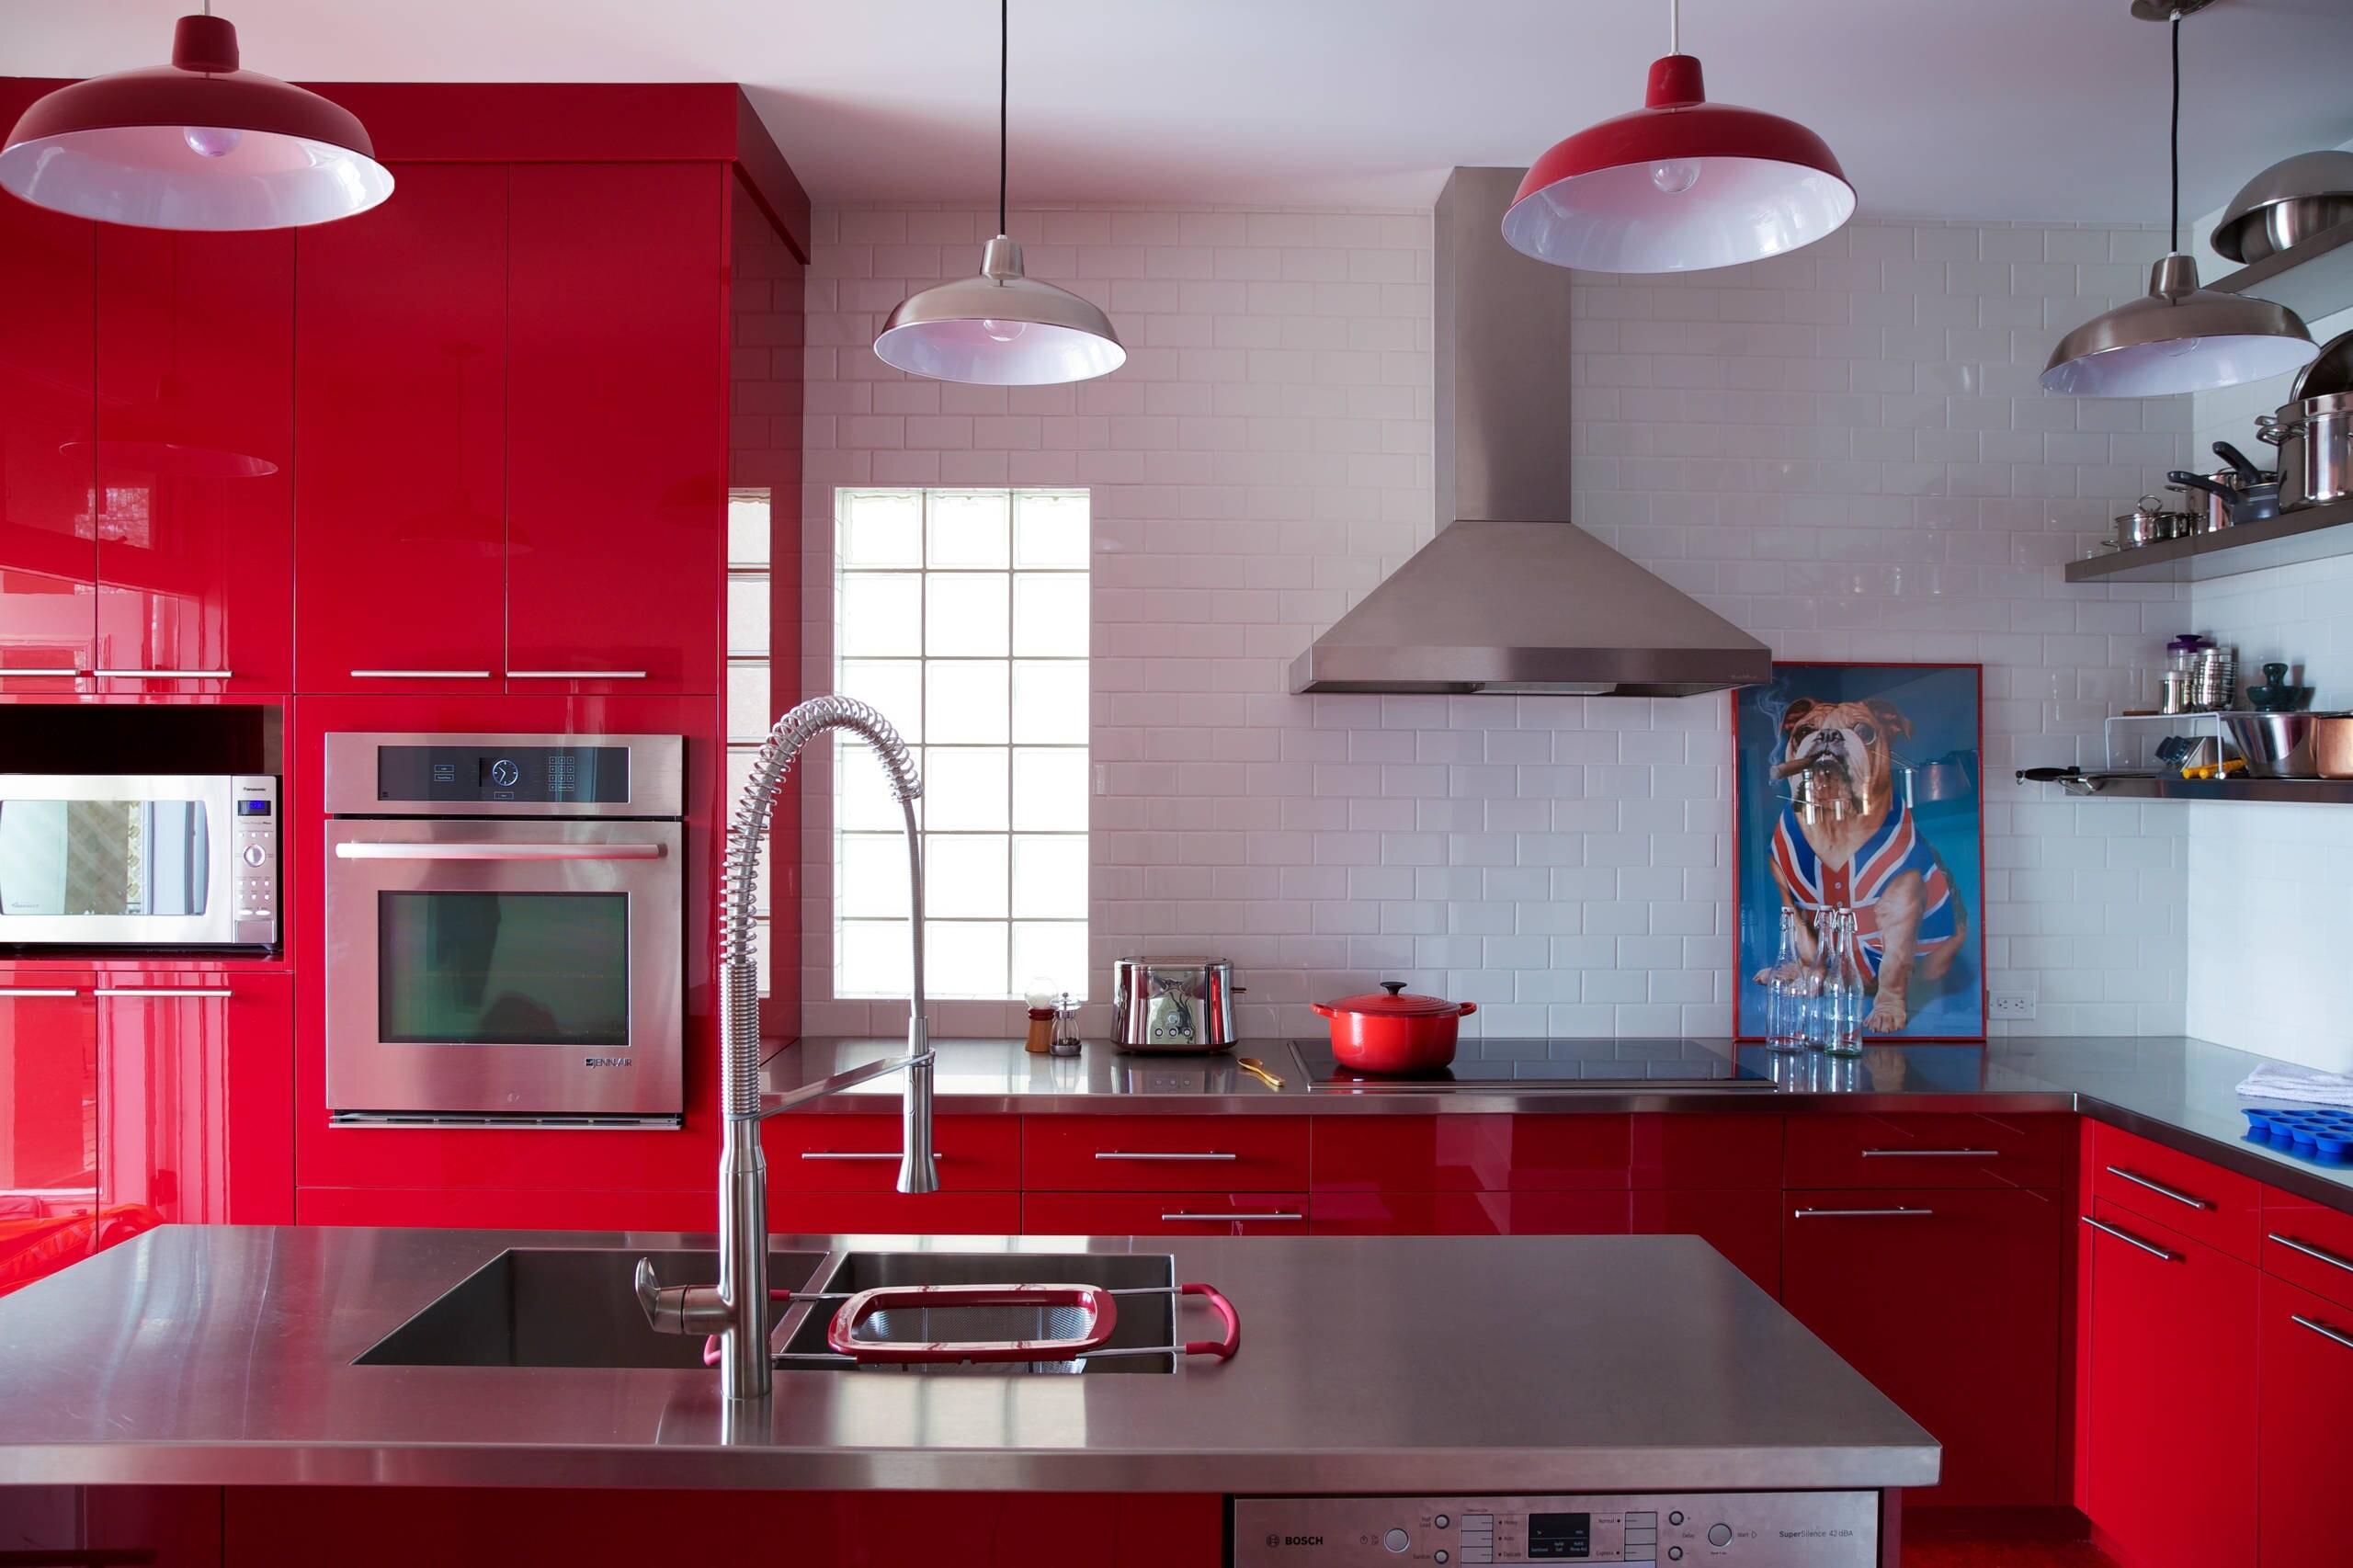 Дизайн красной кухни: 73 примера и советы по оформлению интерьера